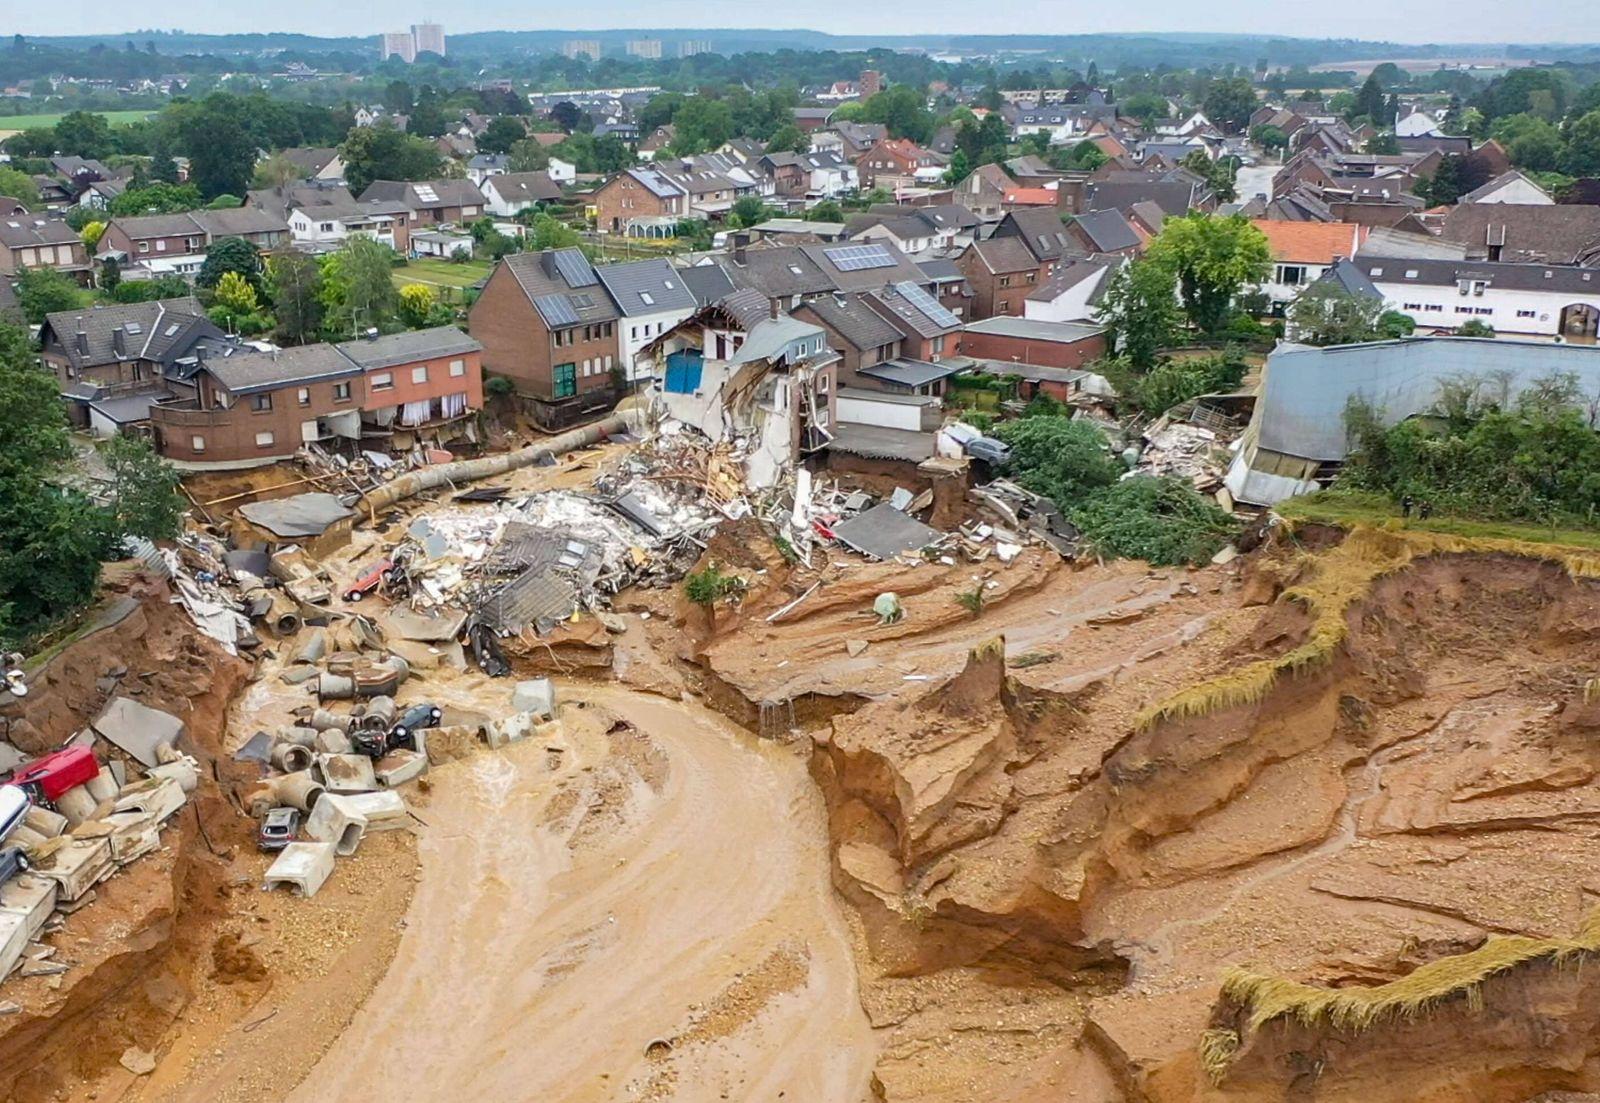 News Bilder des Tages 16.07.2021 , Erftstadt - Blessem , Massiver Erdrutsch im Stadtteil Blessem in Erftstadt , Die Behö